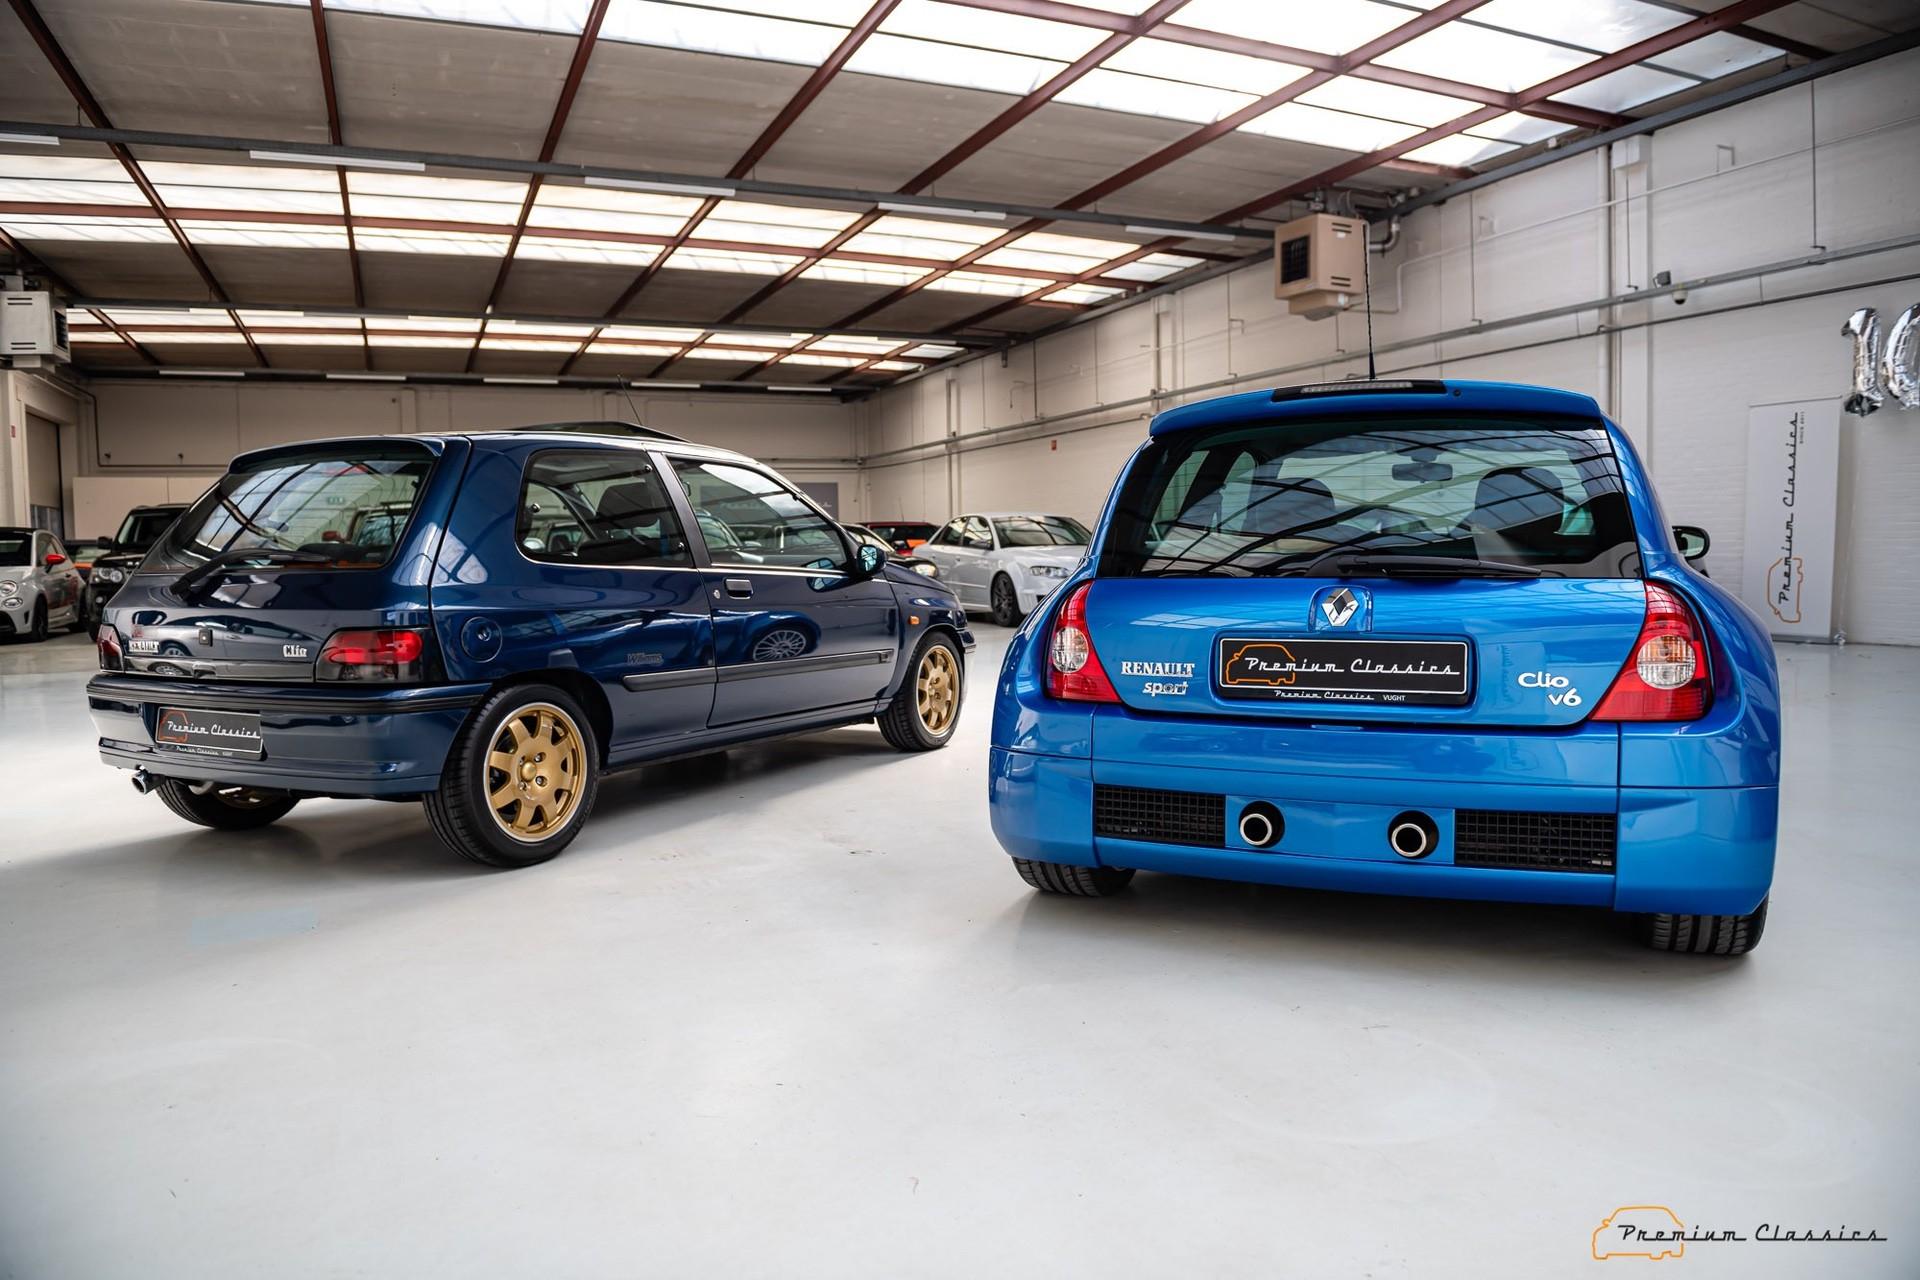 Renault_Clio_Williams_sale-0068